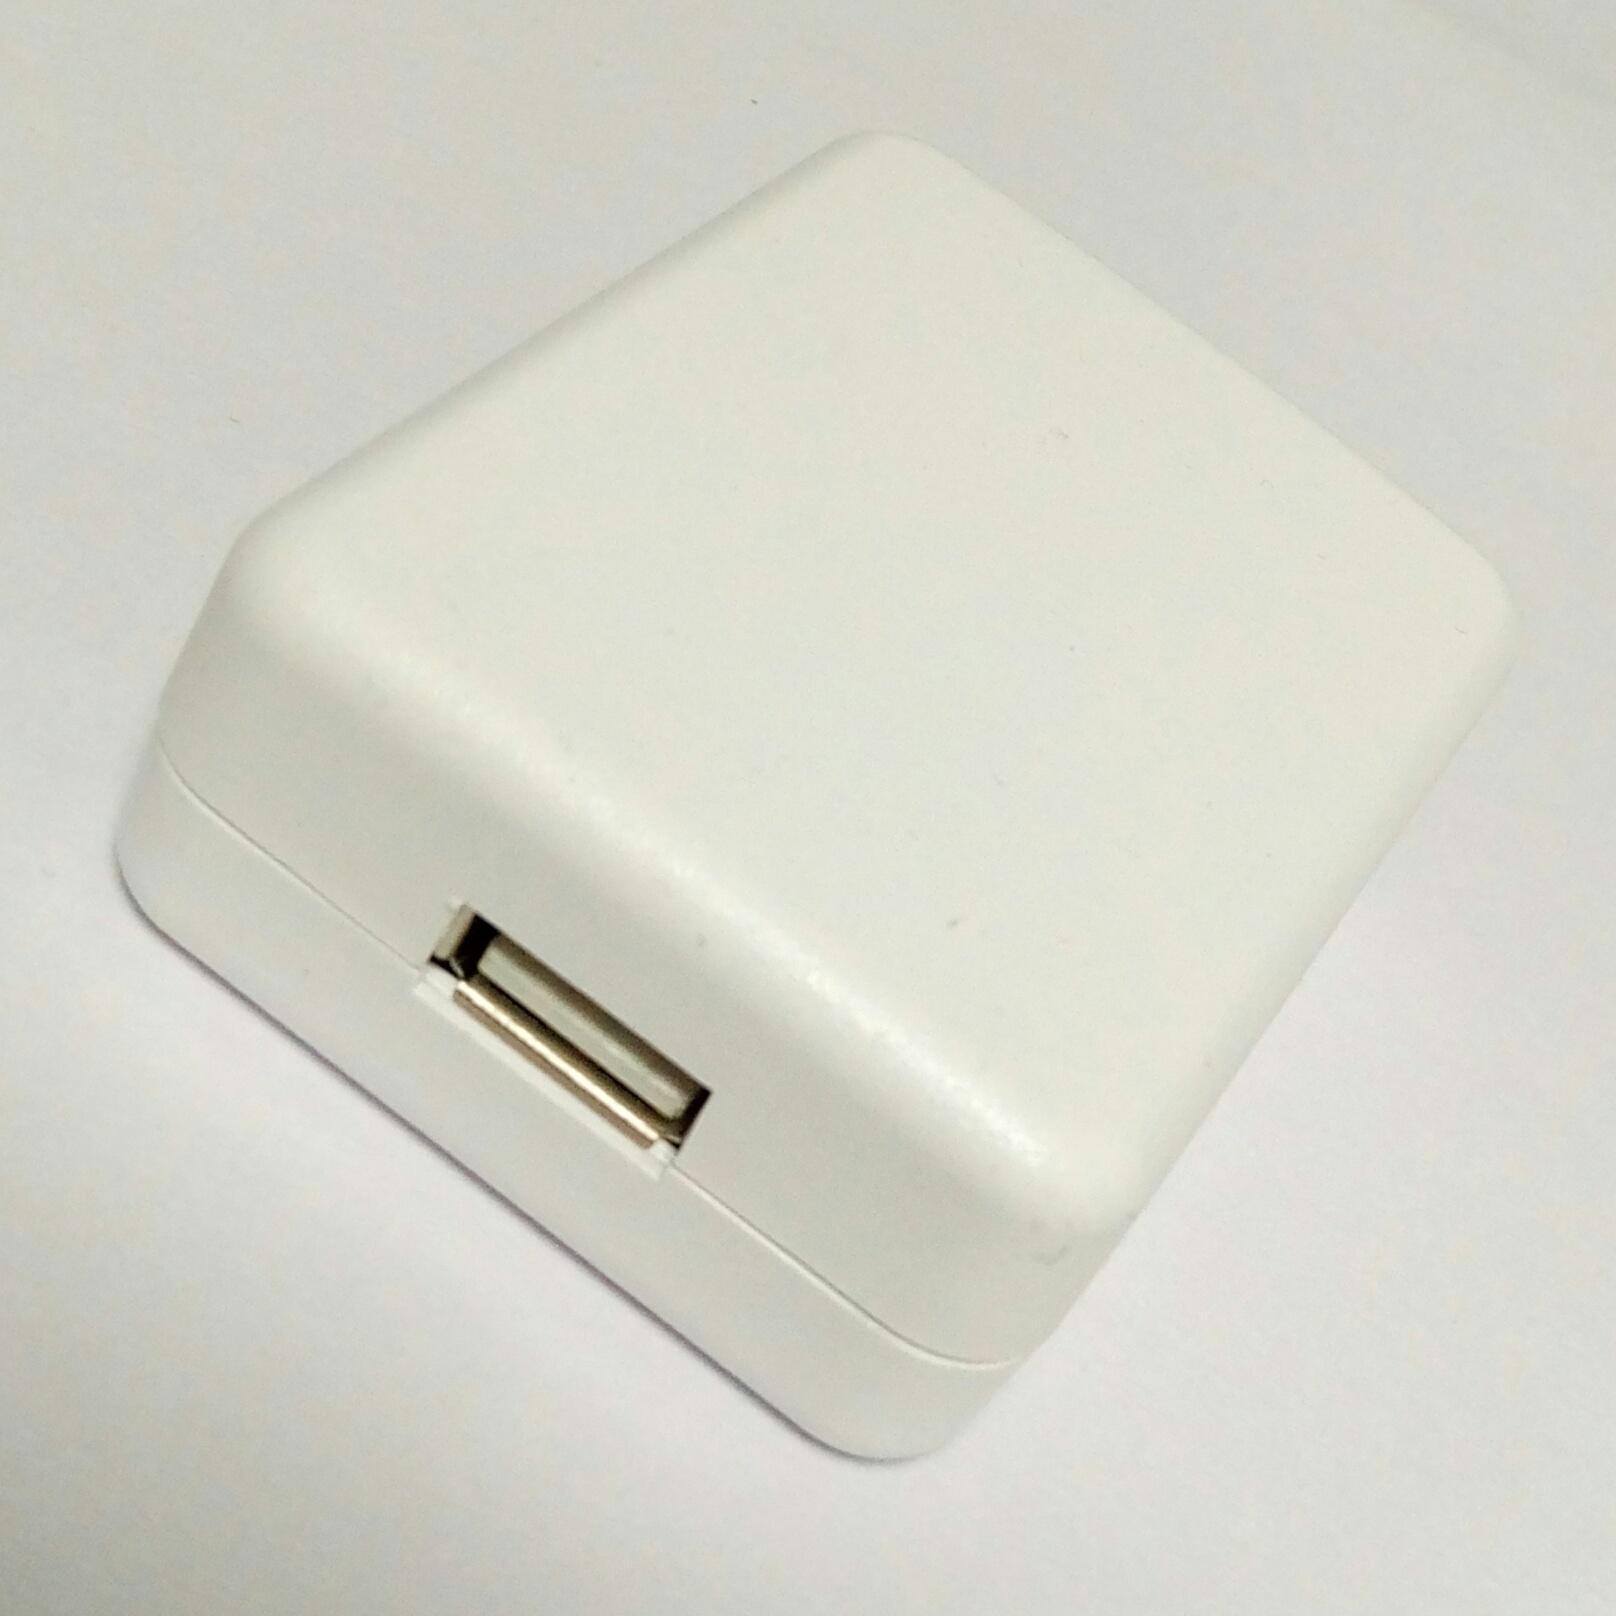 销售美规USB 5V0.5A电池充电器&适配器 13